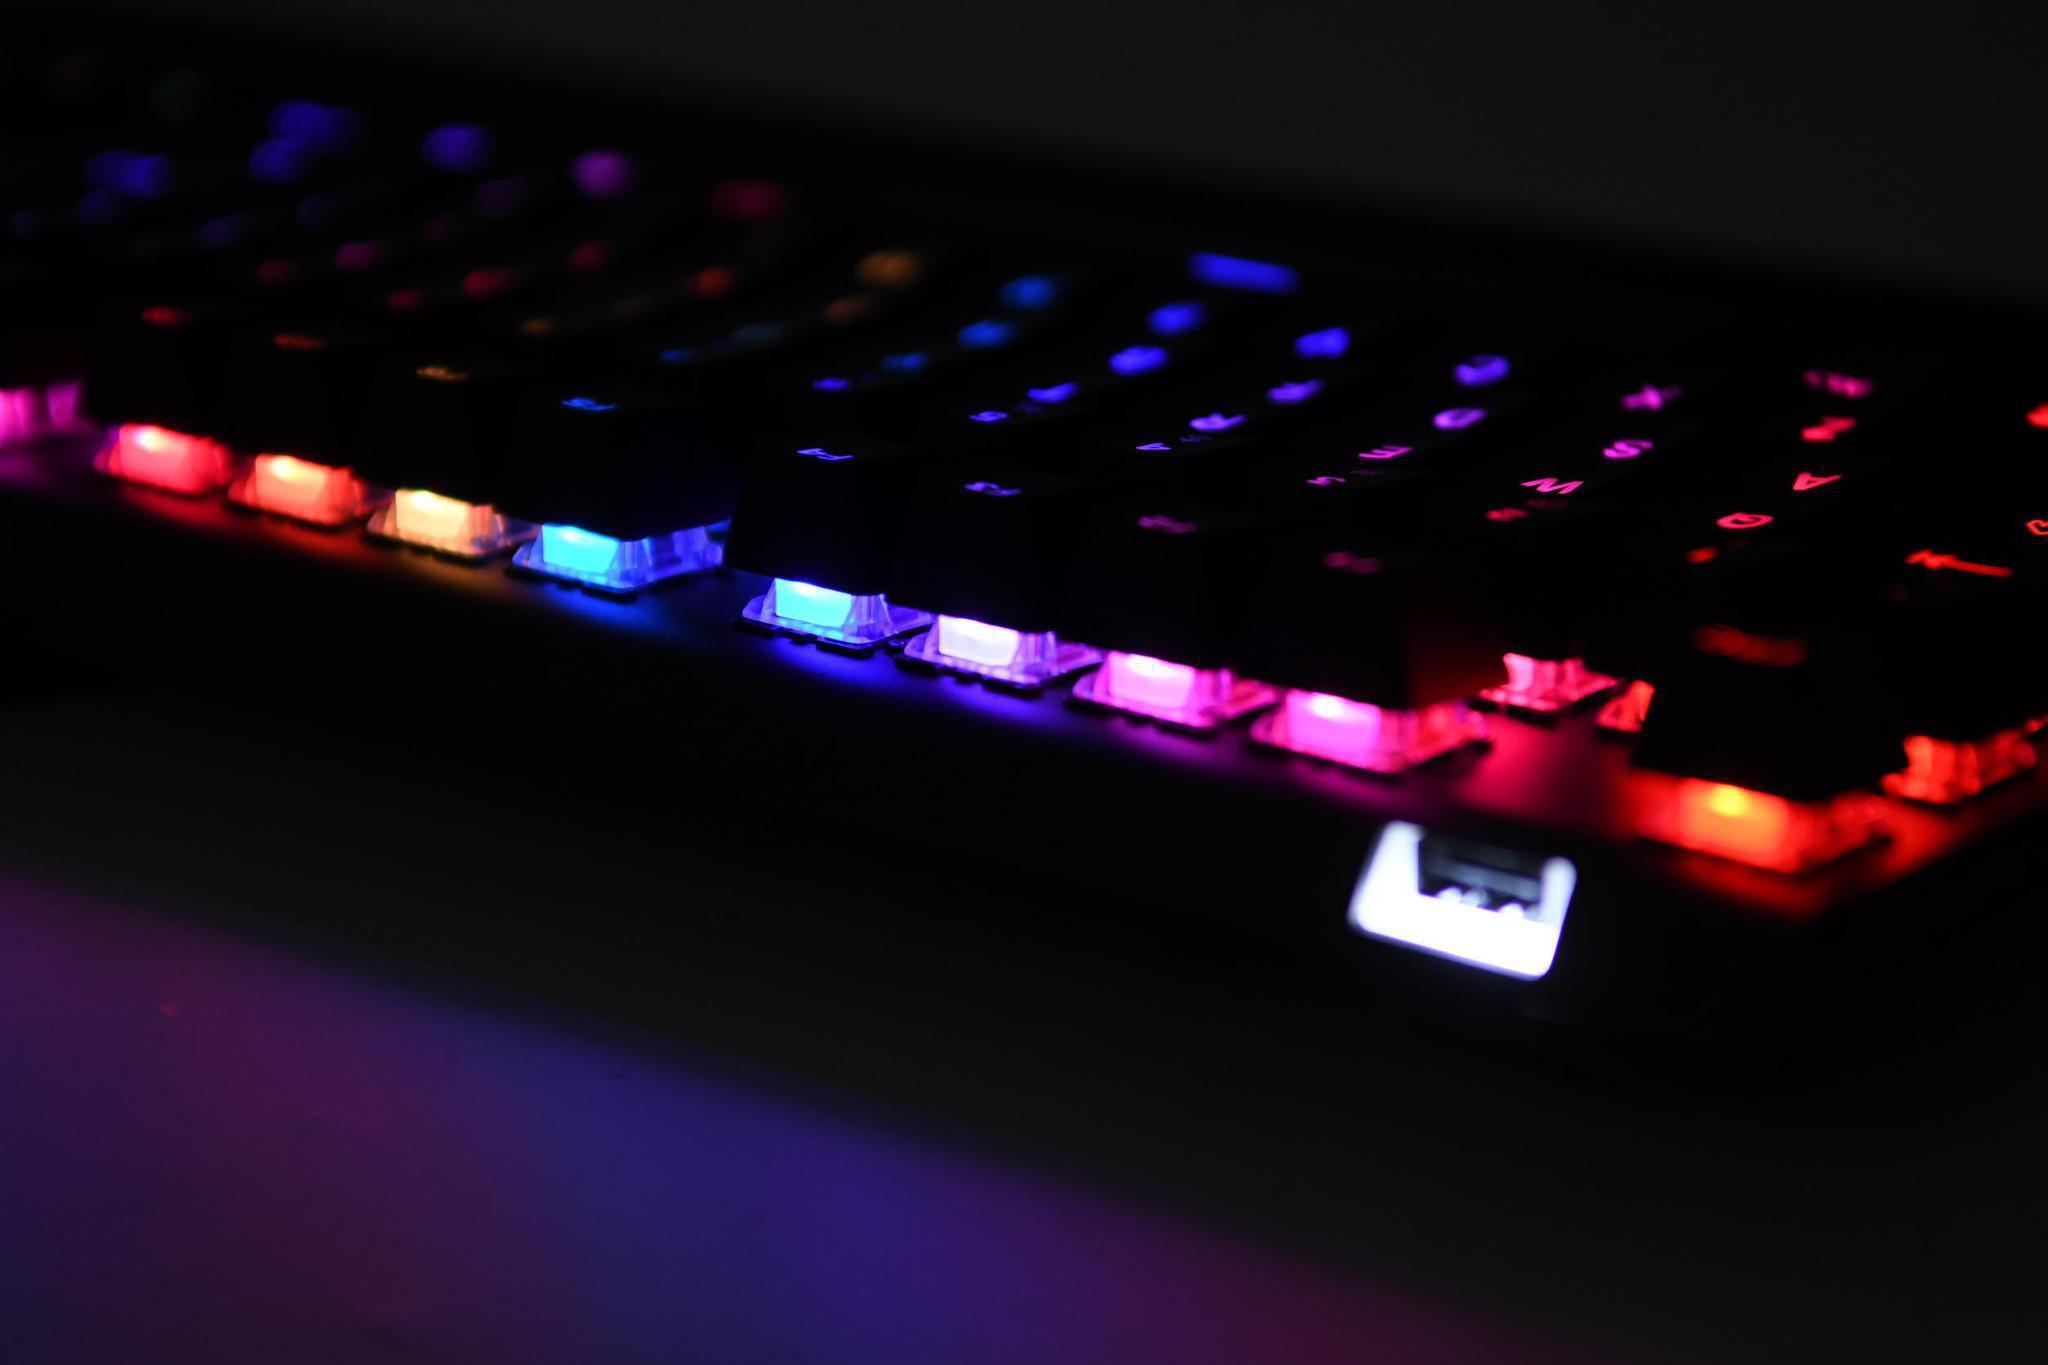 可自定义触发距离!赛睿APEX Pro机械键盘解析